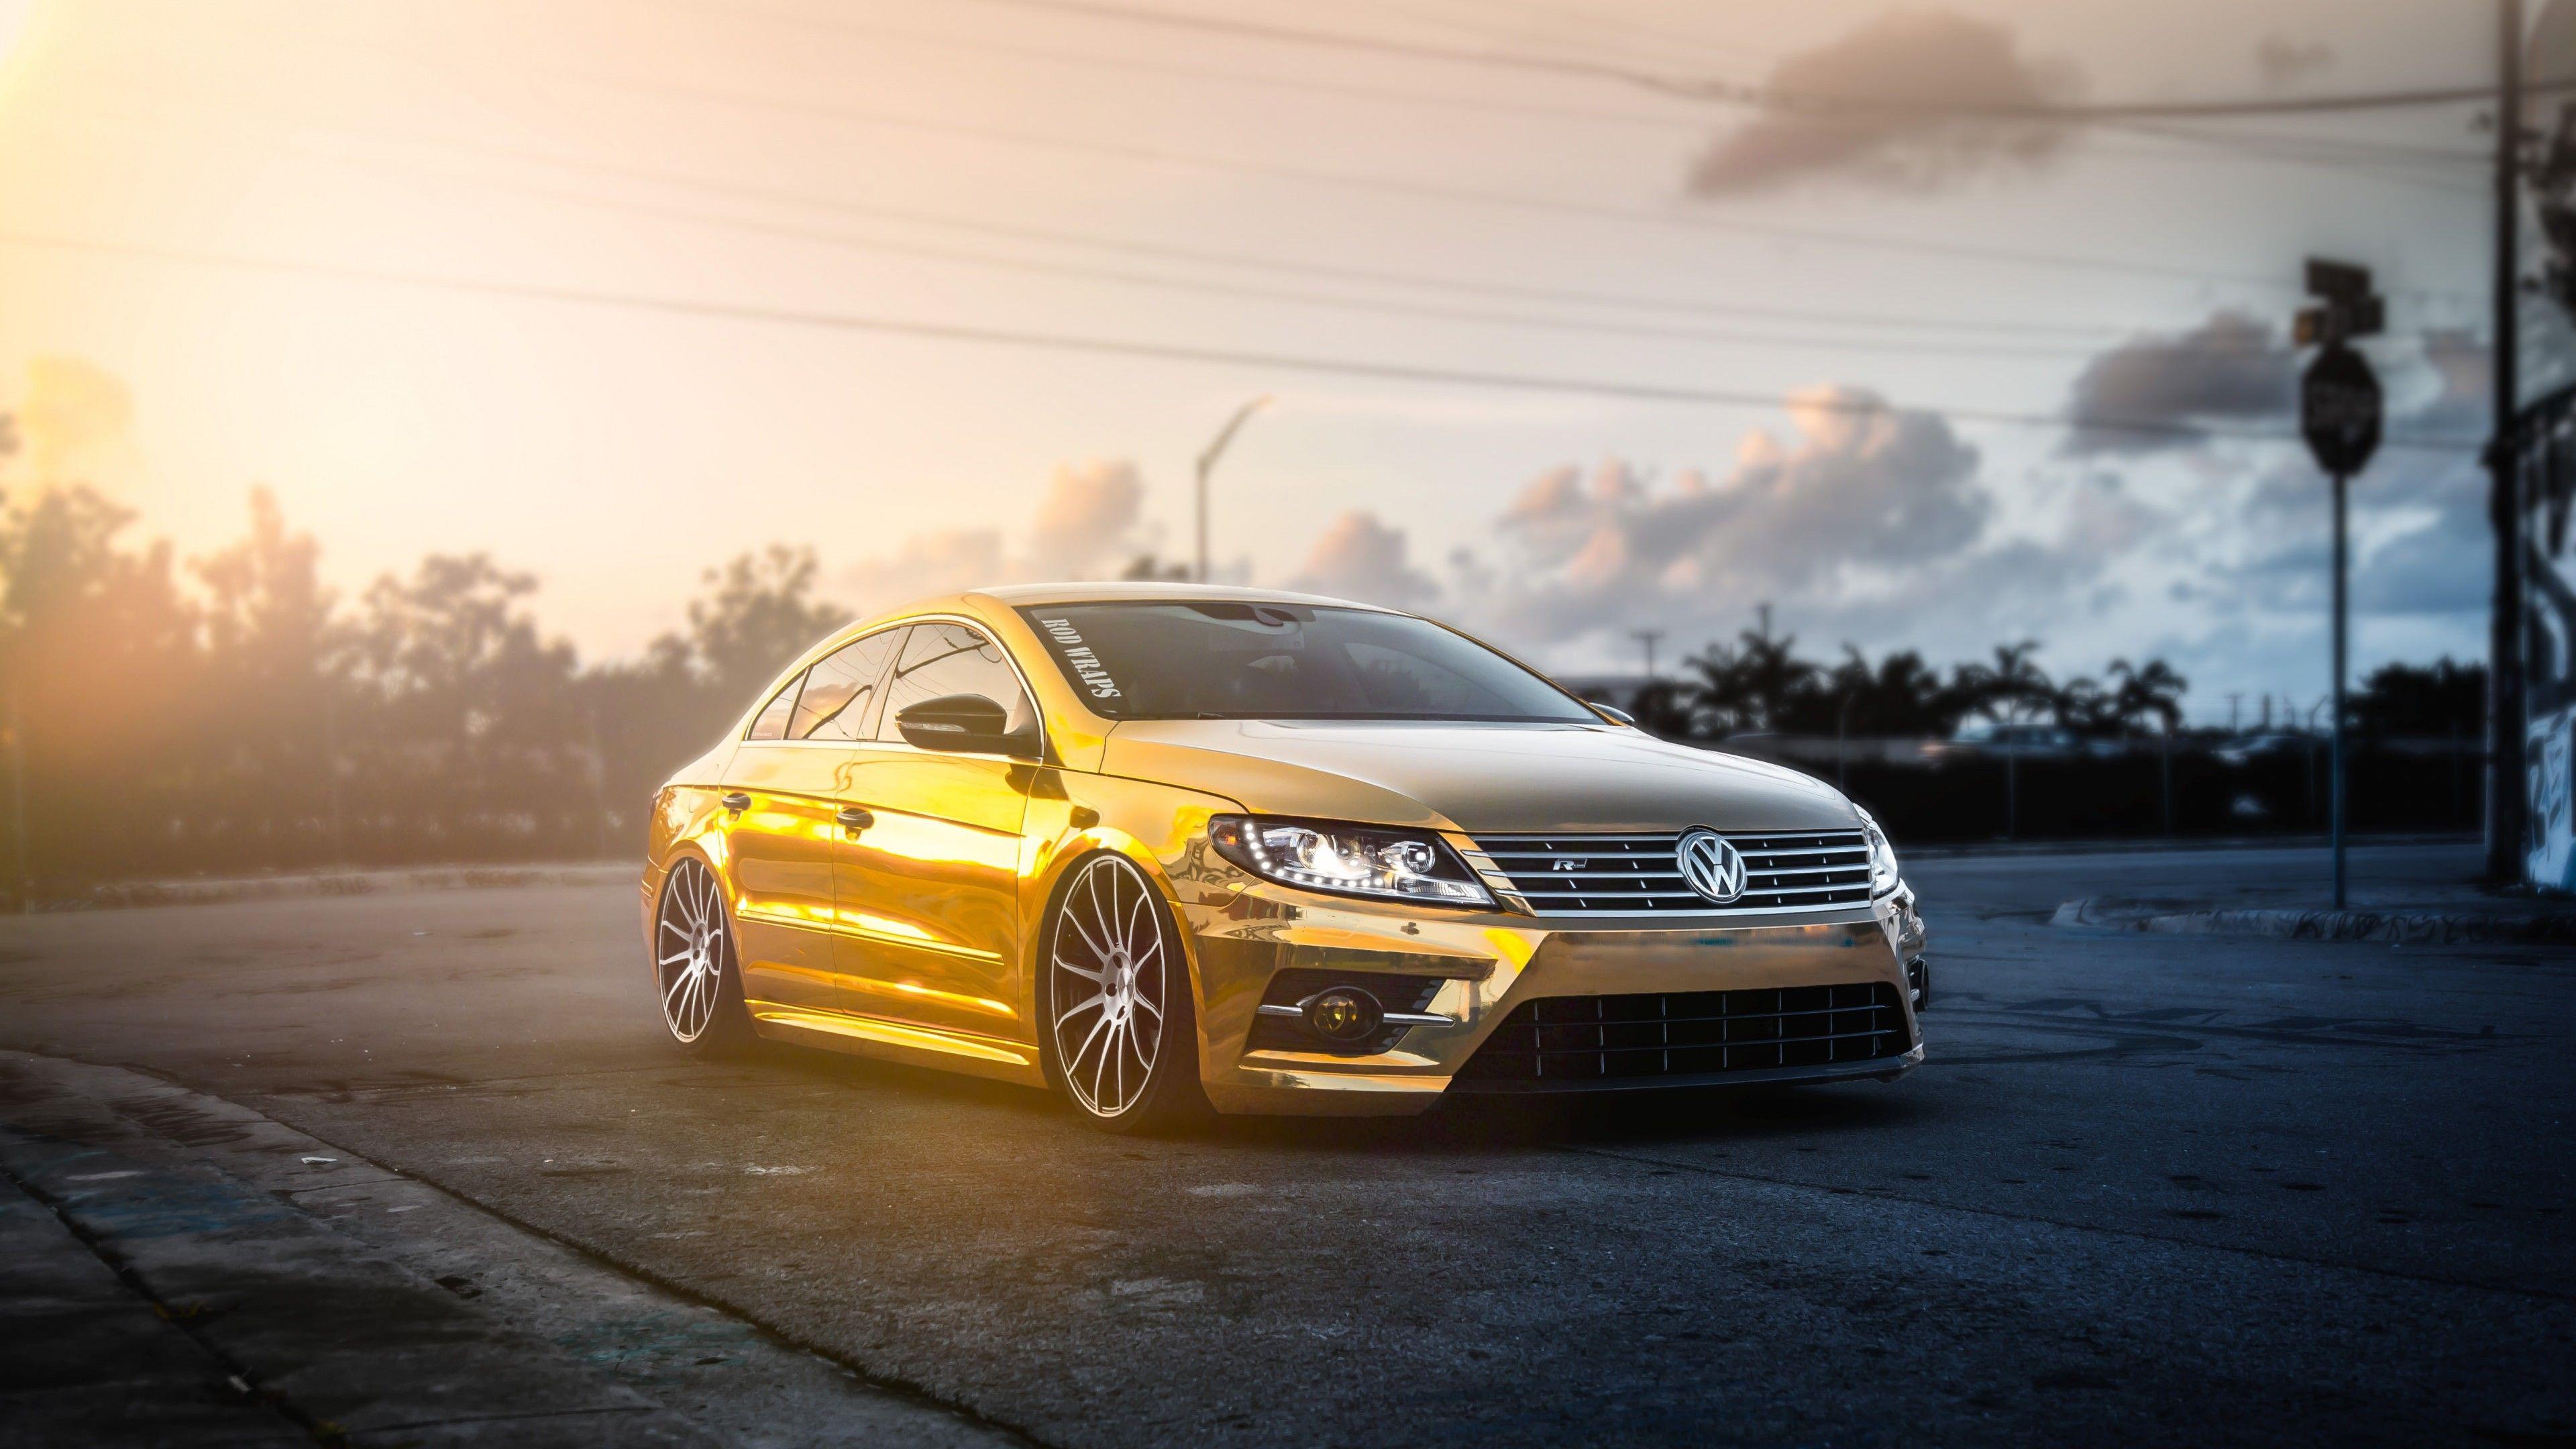 Golden Volkswagen Passat Volkswagen Wallpapers Volkswagen